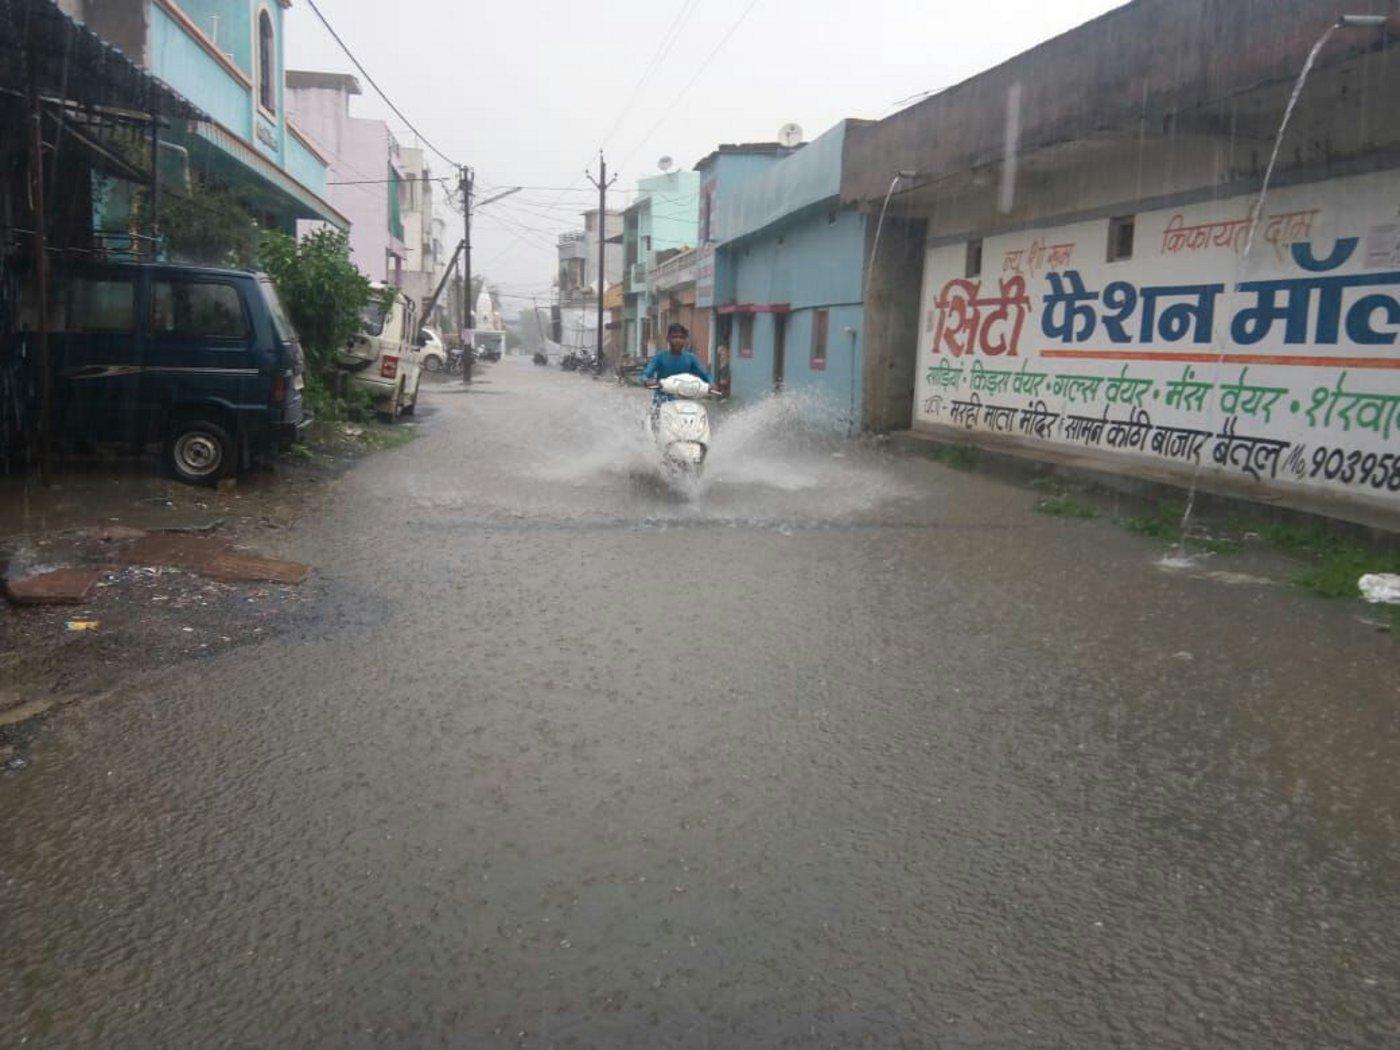 पढ़े, जोरदार बारिश से सड़कों में भर गया पानी